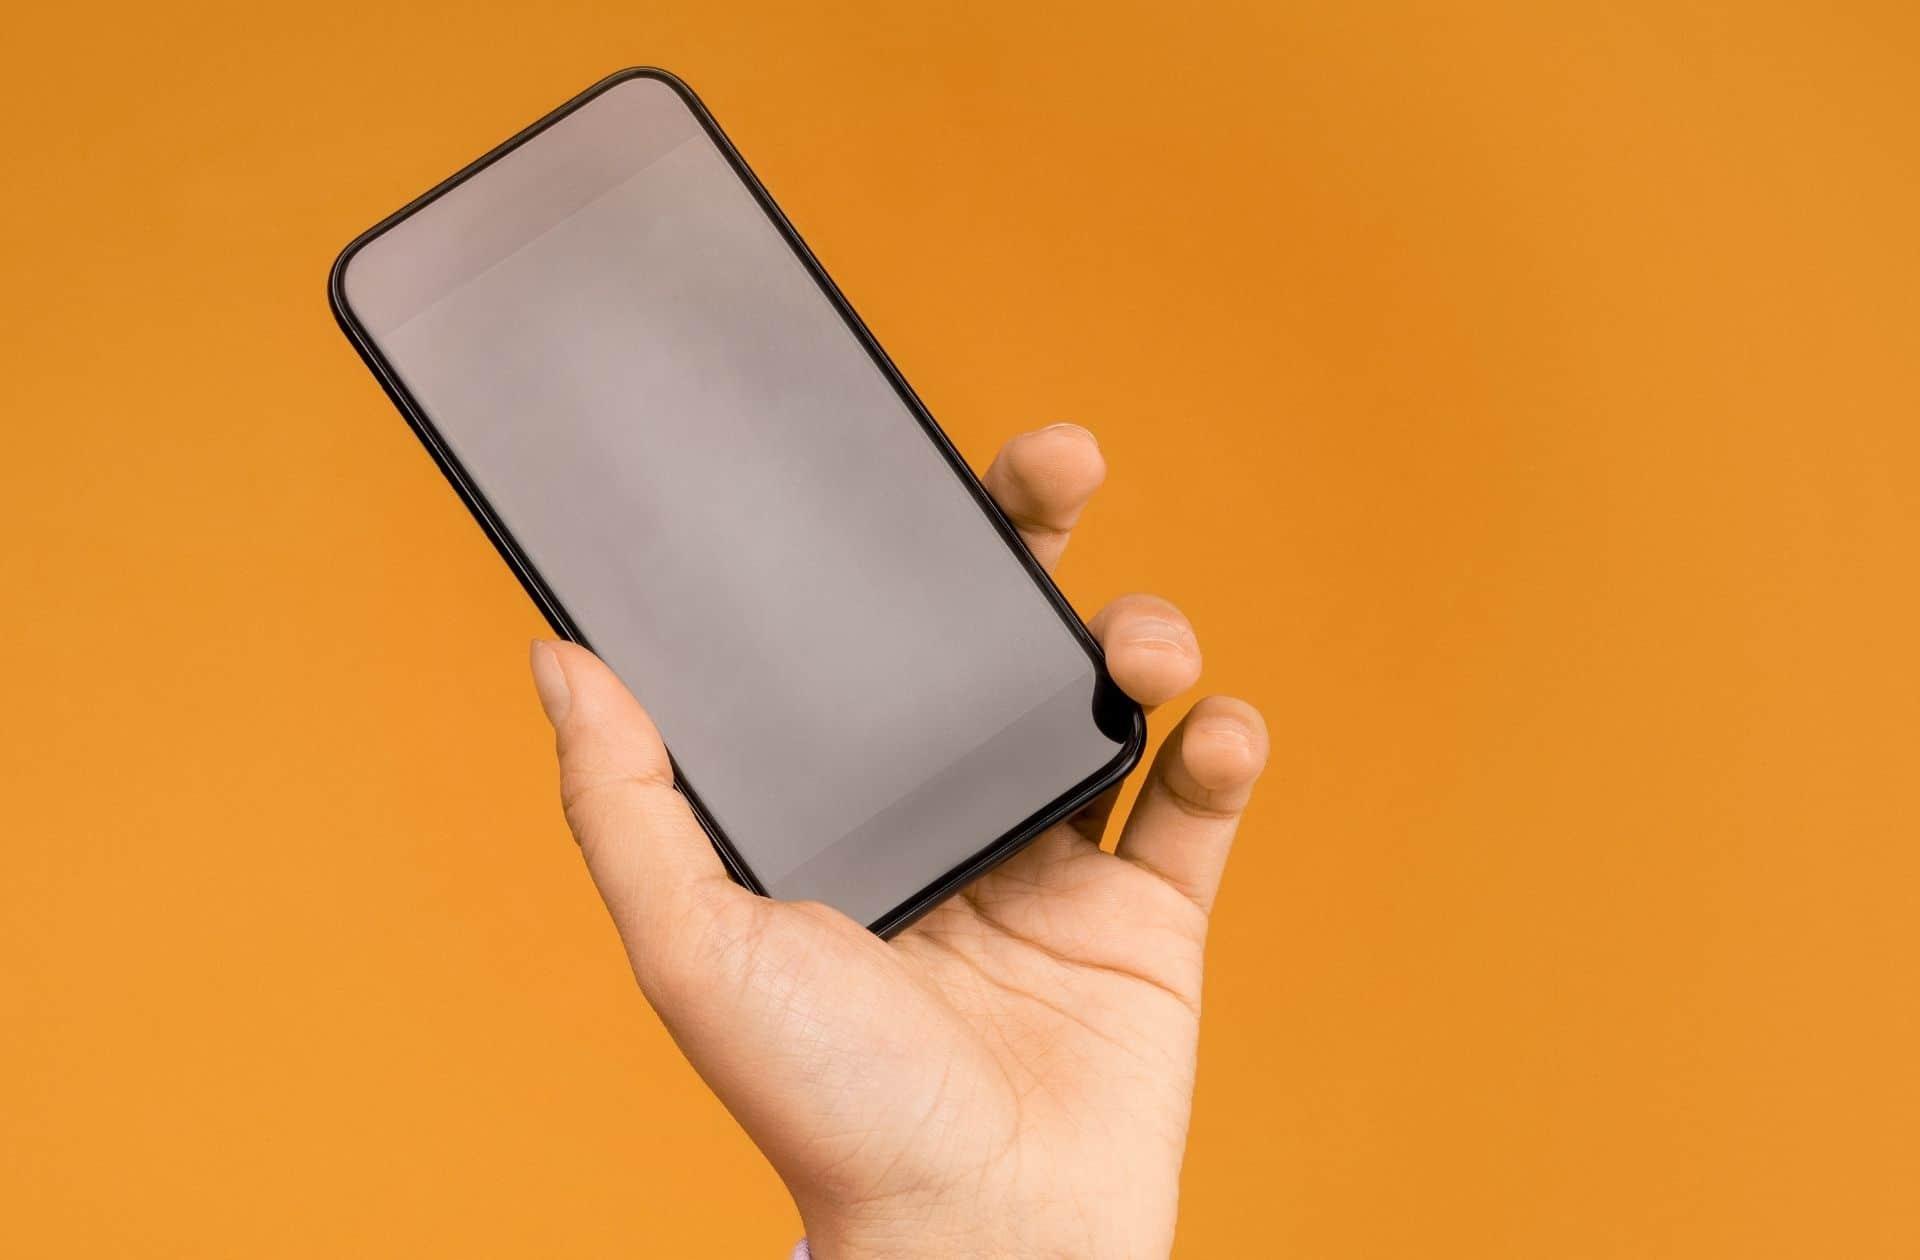 Ras-le-bol de votre opérateur ? On a comparé les meilleurs forfaits mobile du moment - madmoiZelle.com